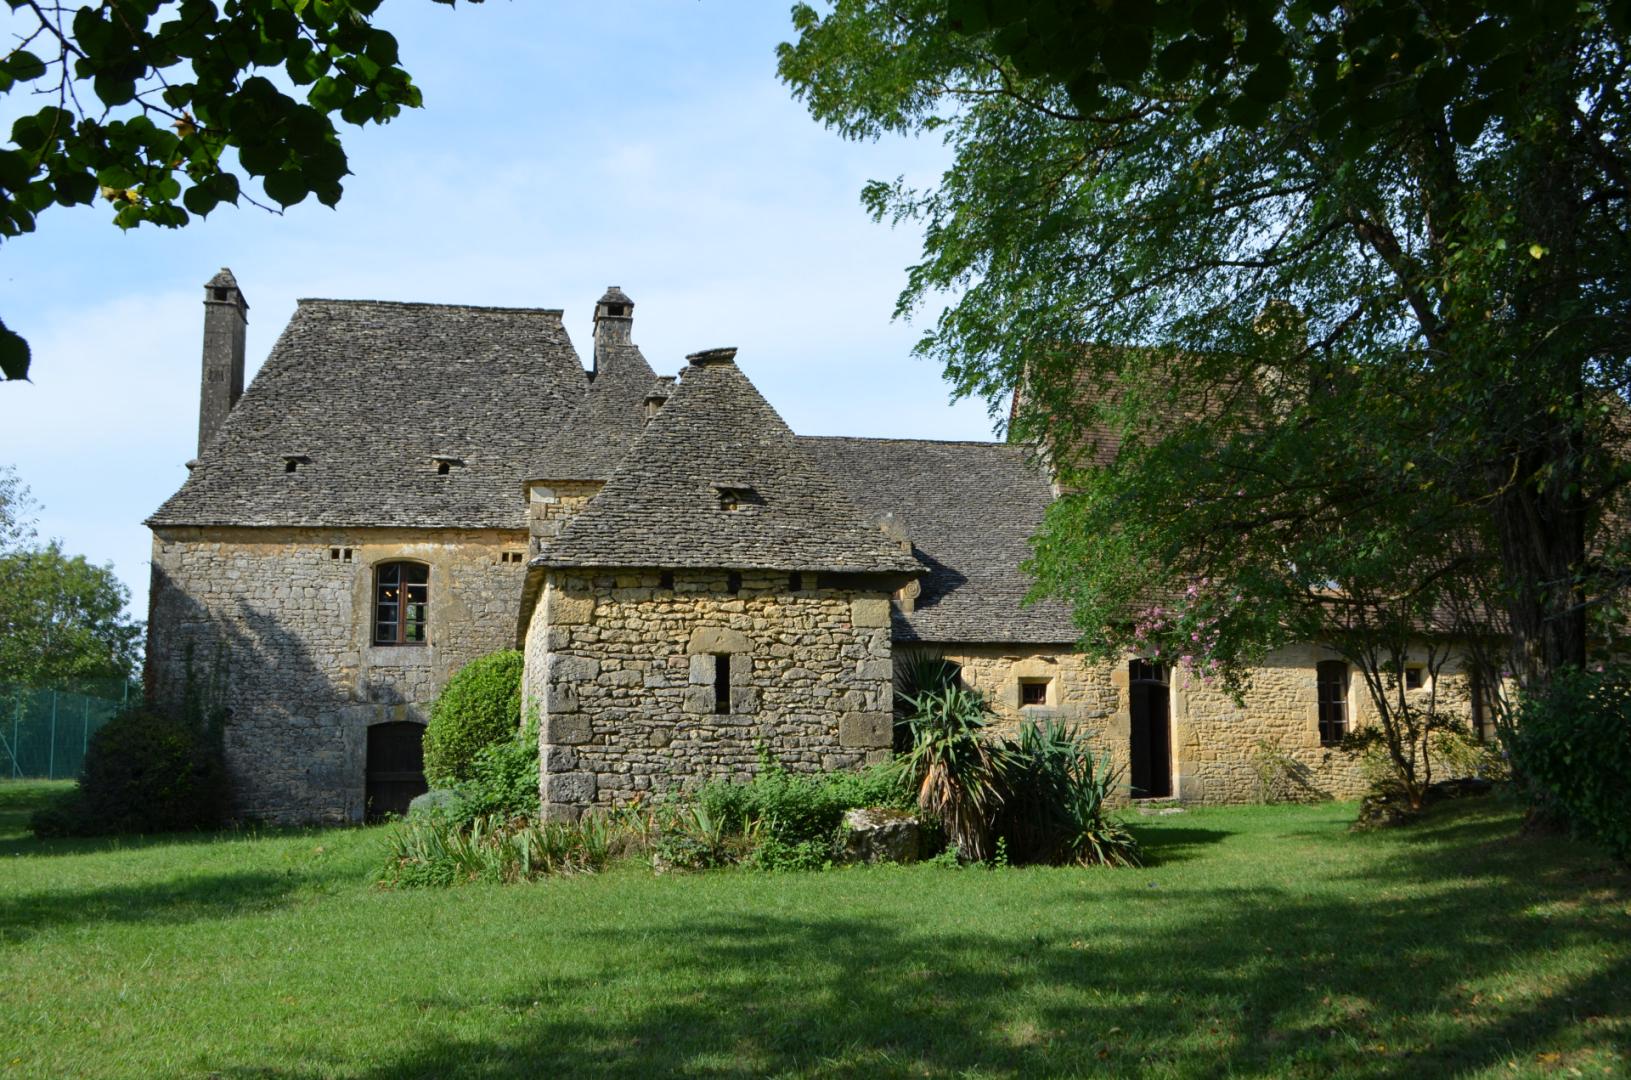 Périgord Noir, belle propriété de caractère dans son jus, située sur les hauteurs entre Montignac et Sarlat. Situation calme et non isolée, belle orientation, terrain plat et paysagé d'environ 5000 m².